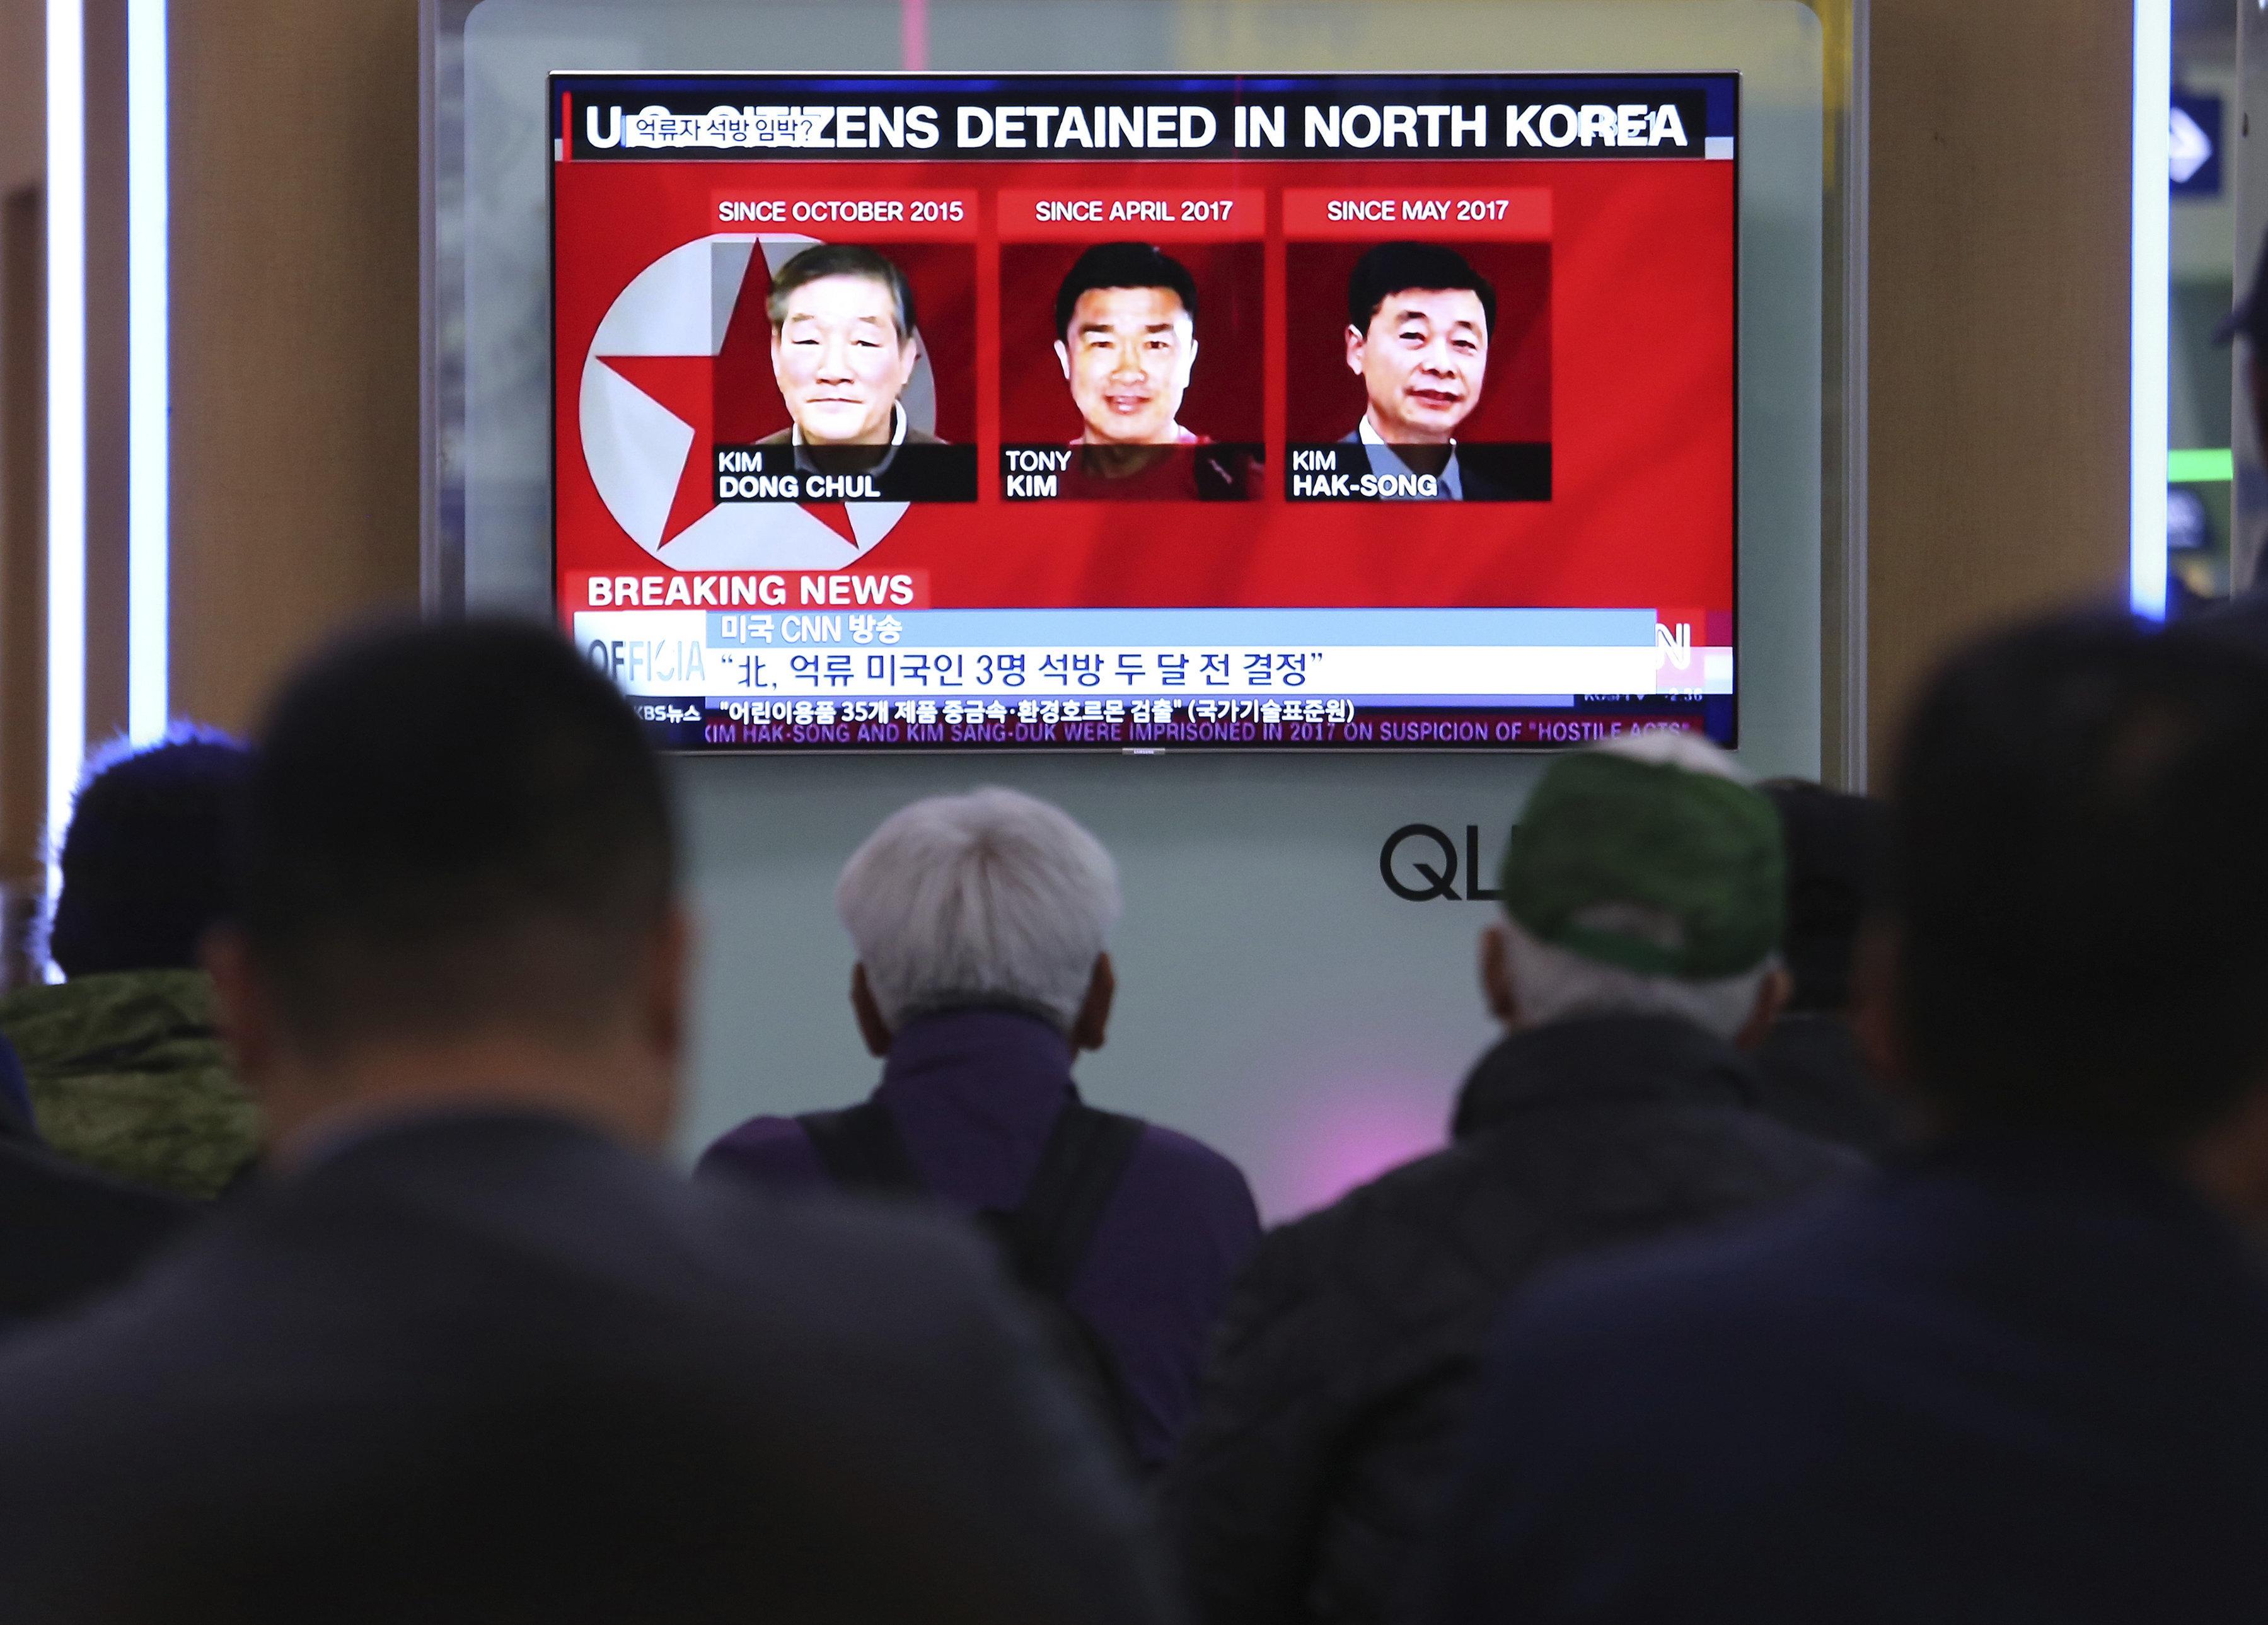 Nordkorea lässt drei inhaftierte US-Bürger frei